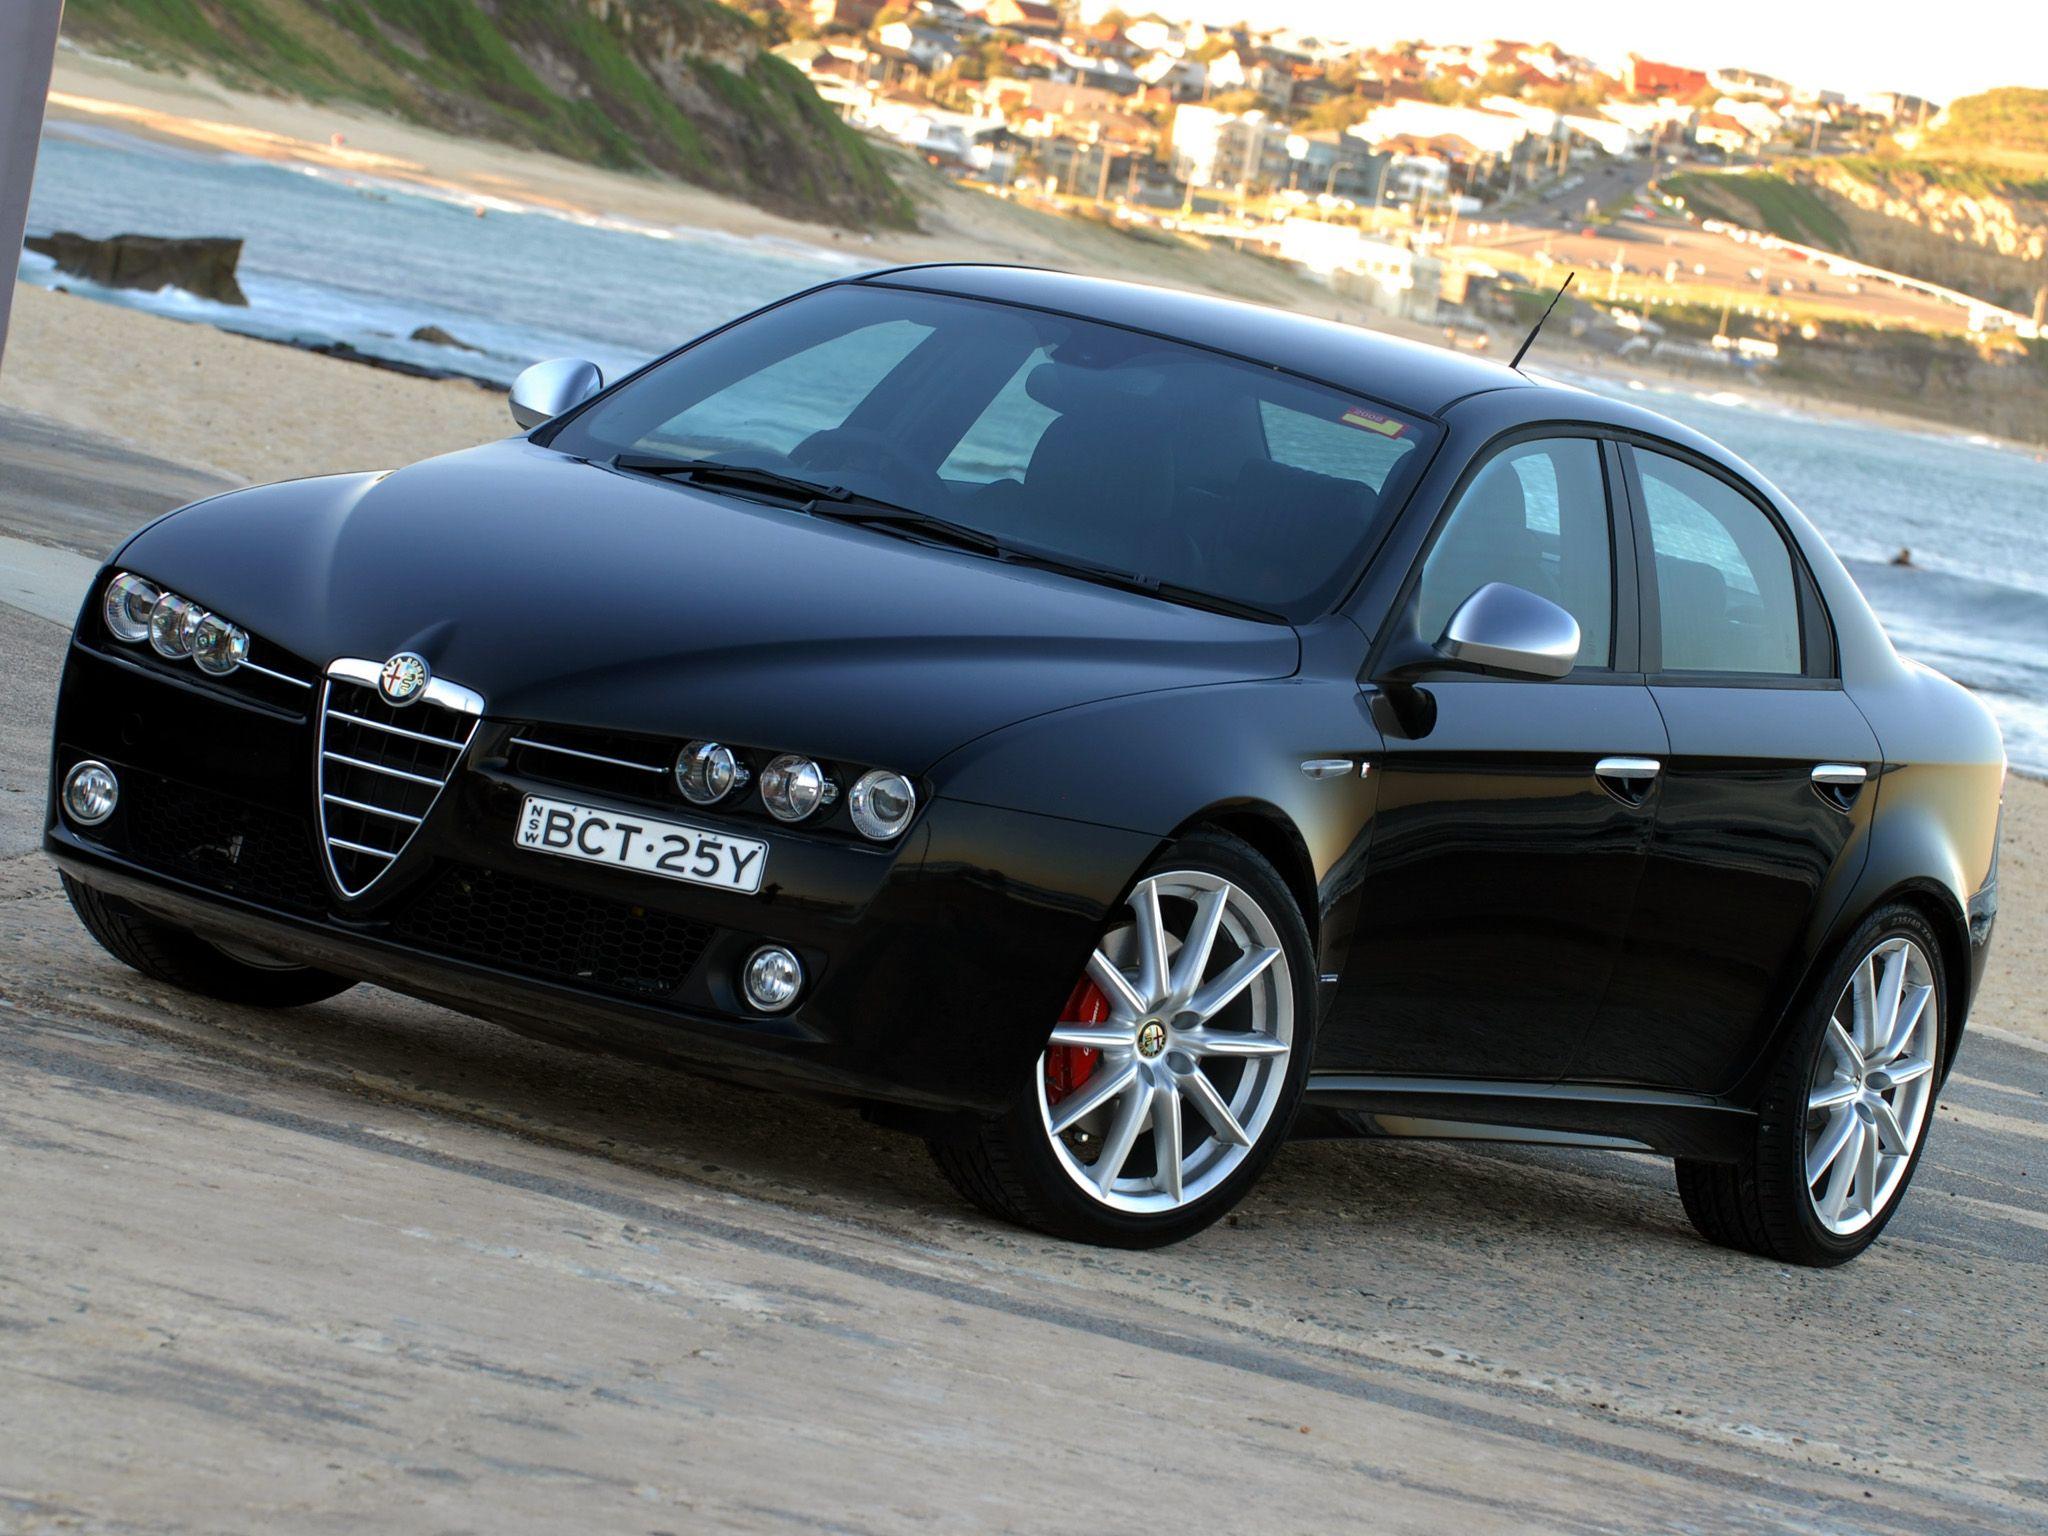 Alfa Romeo 159 Ti I have no idea what the Ti means Anyone